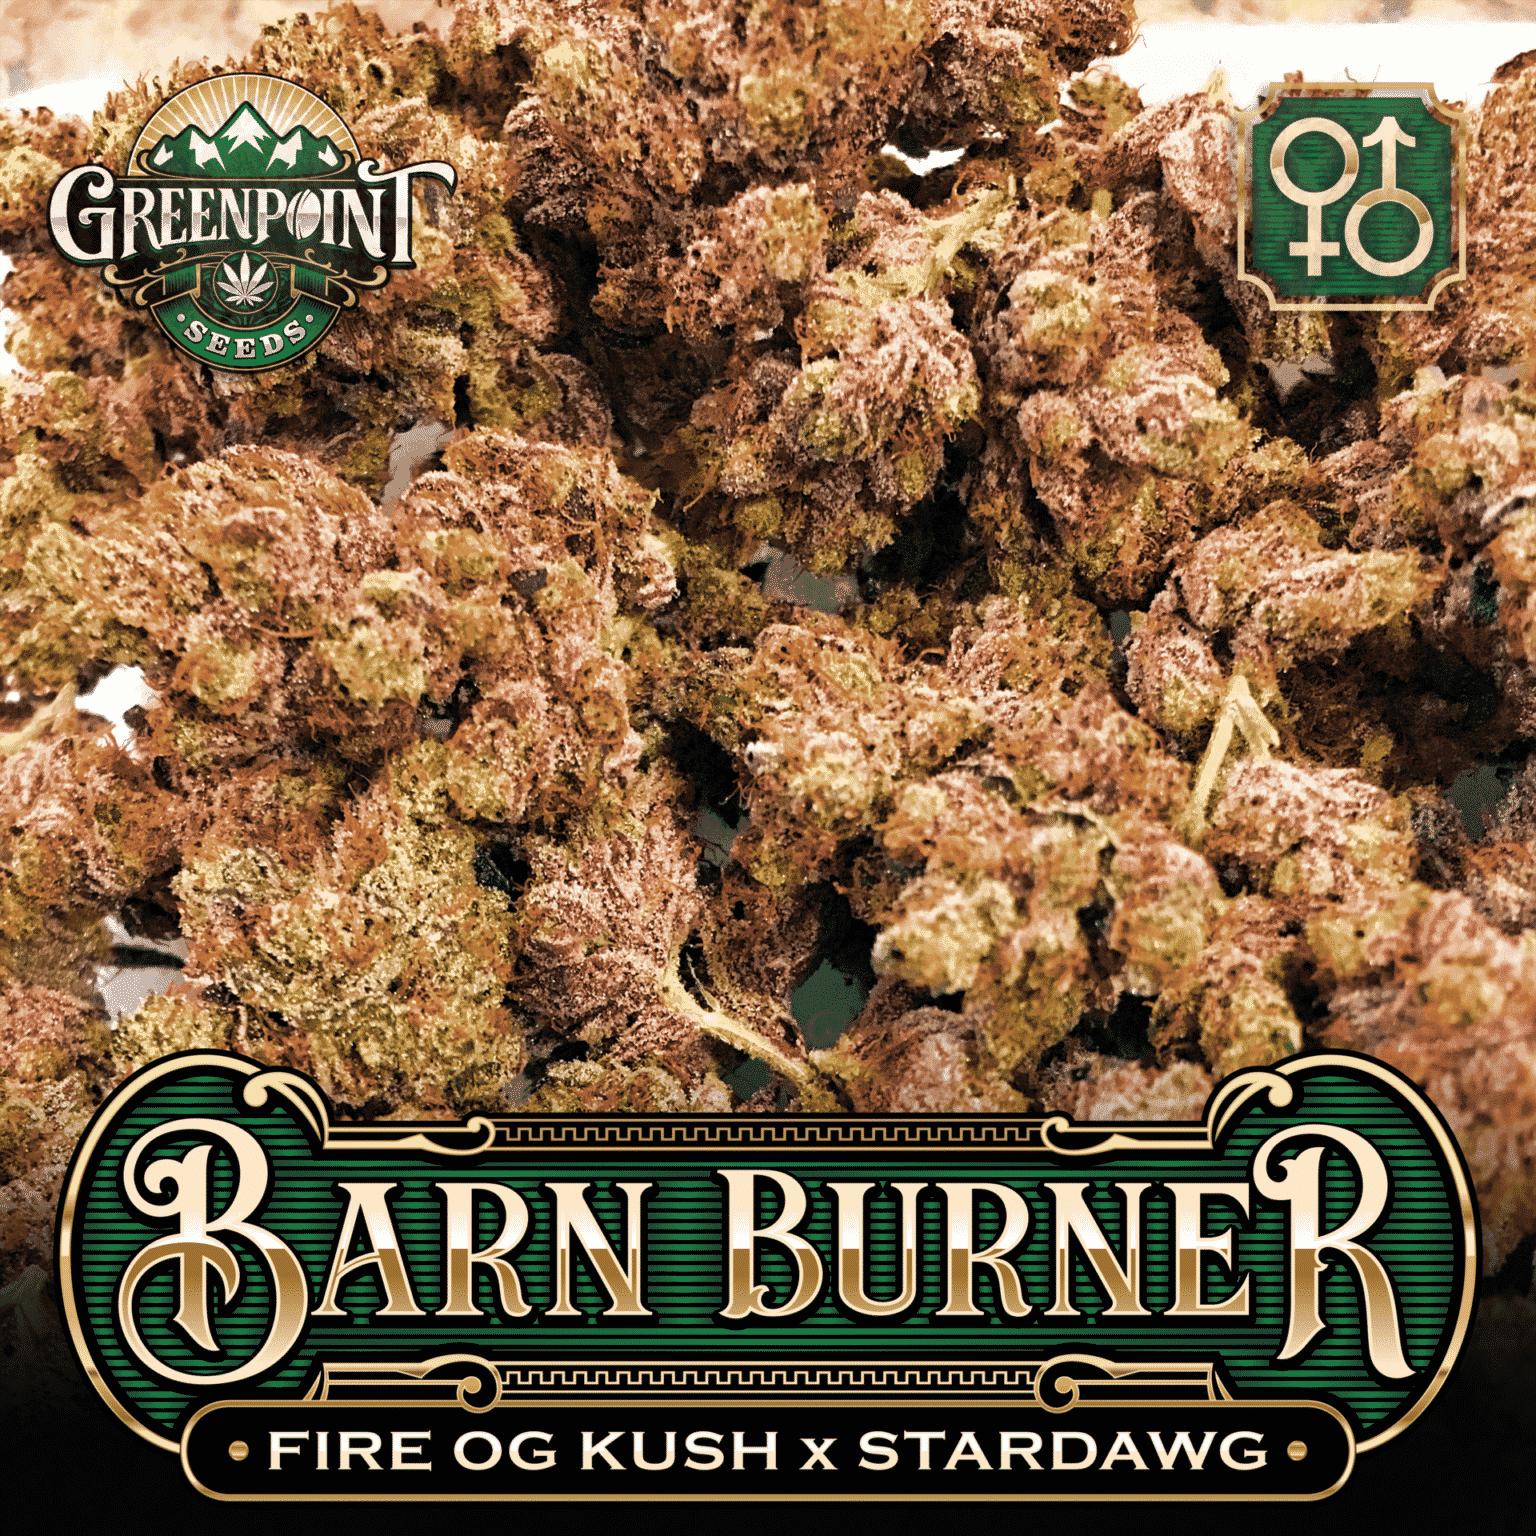 Fire OG Kush x Stardawg Seeds | Barn Burner Cannabis Seeds - US Seed Bank